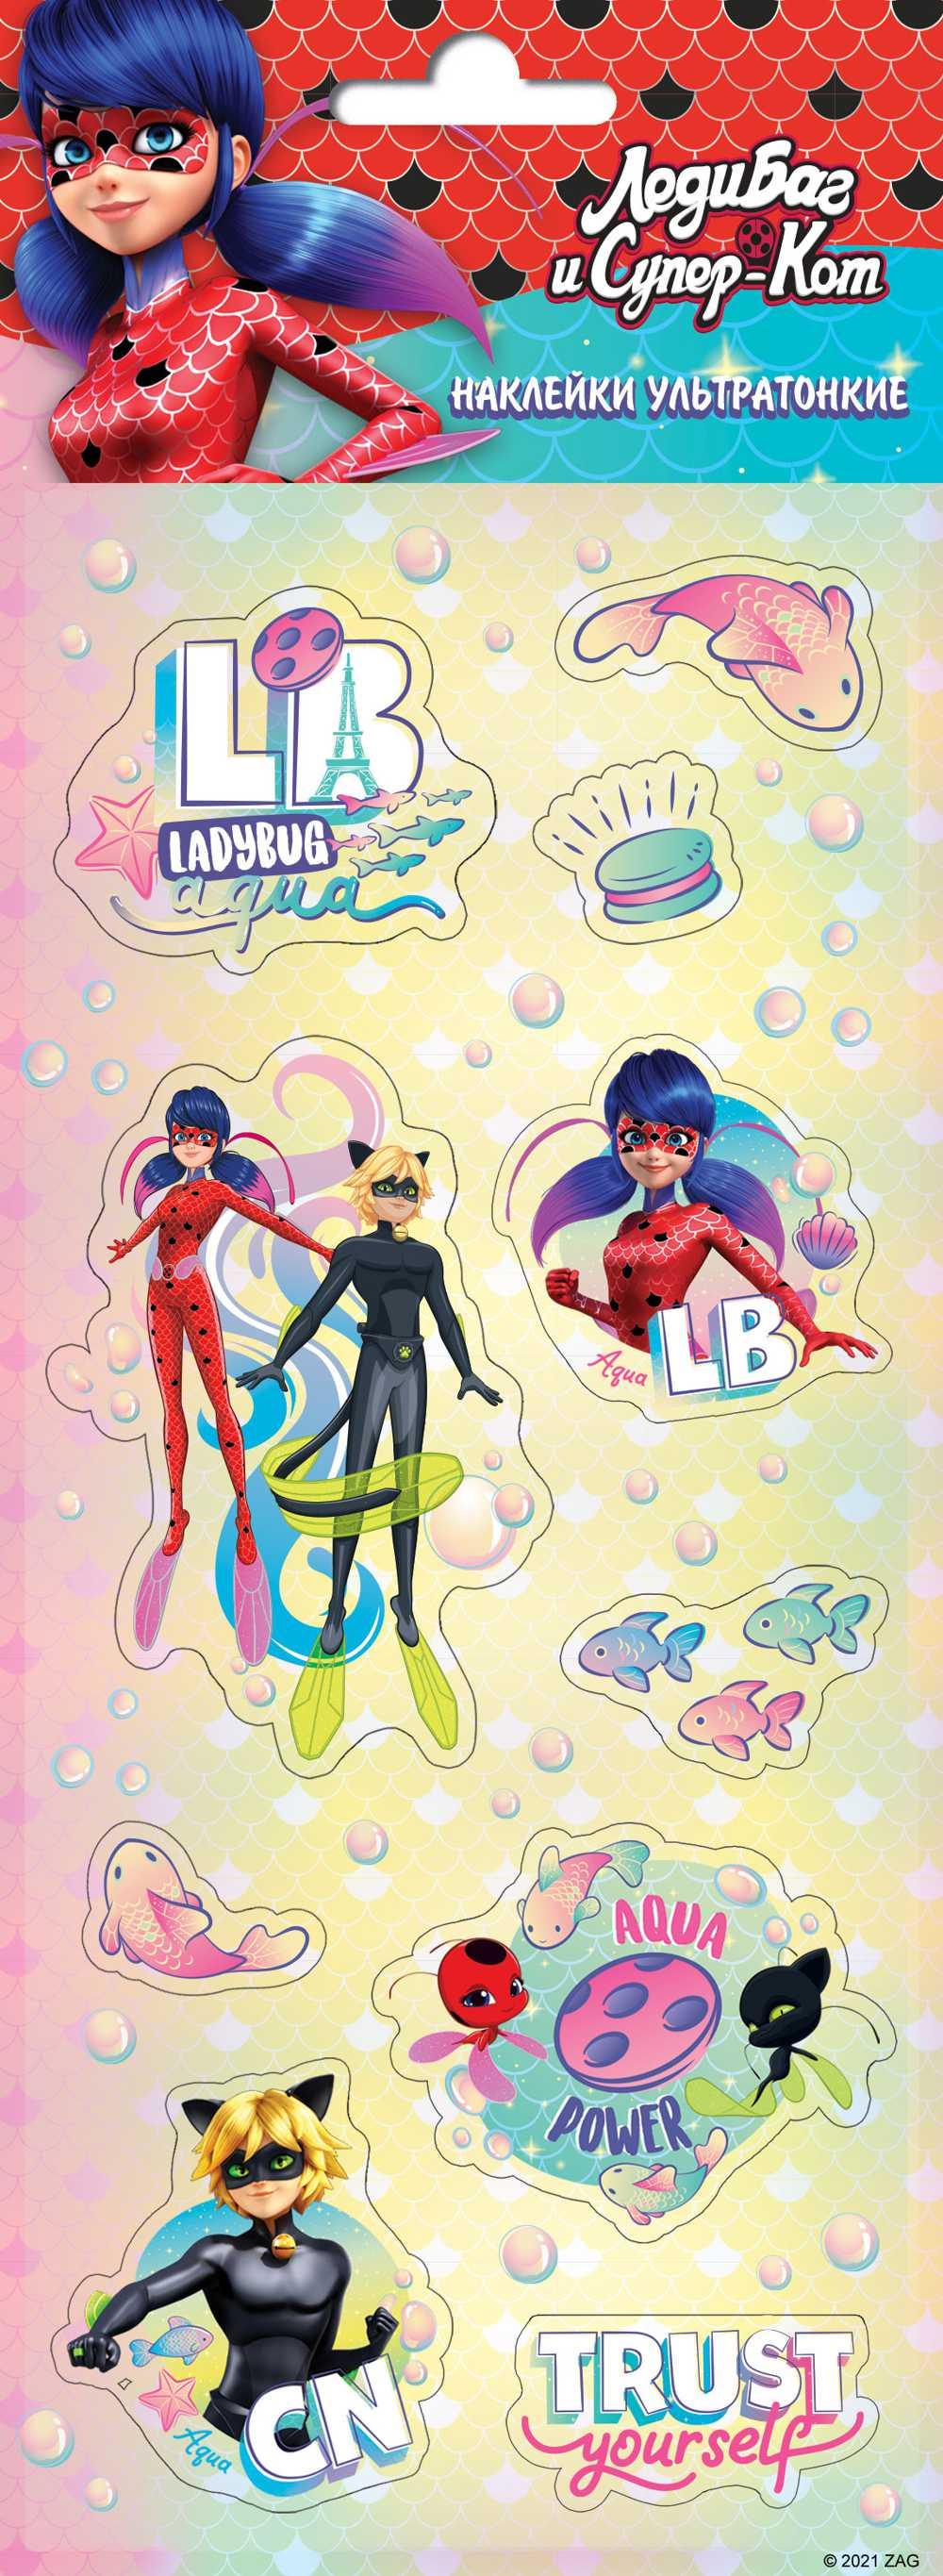 Набор наклеек Леди Баг и Супер-Кот Дизайн 3 Плёночные логунова е леди баг и супер кот раскраска с развивающими заданиями 16 цветных наклеек